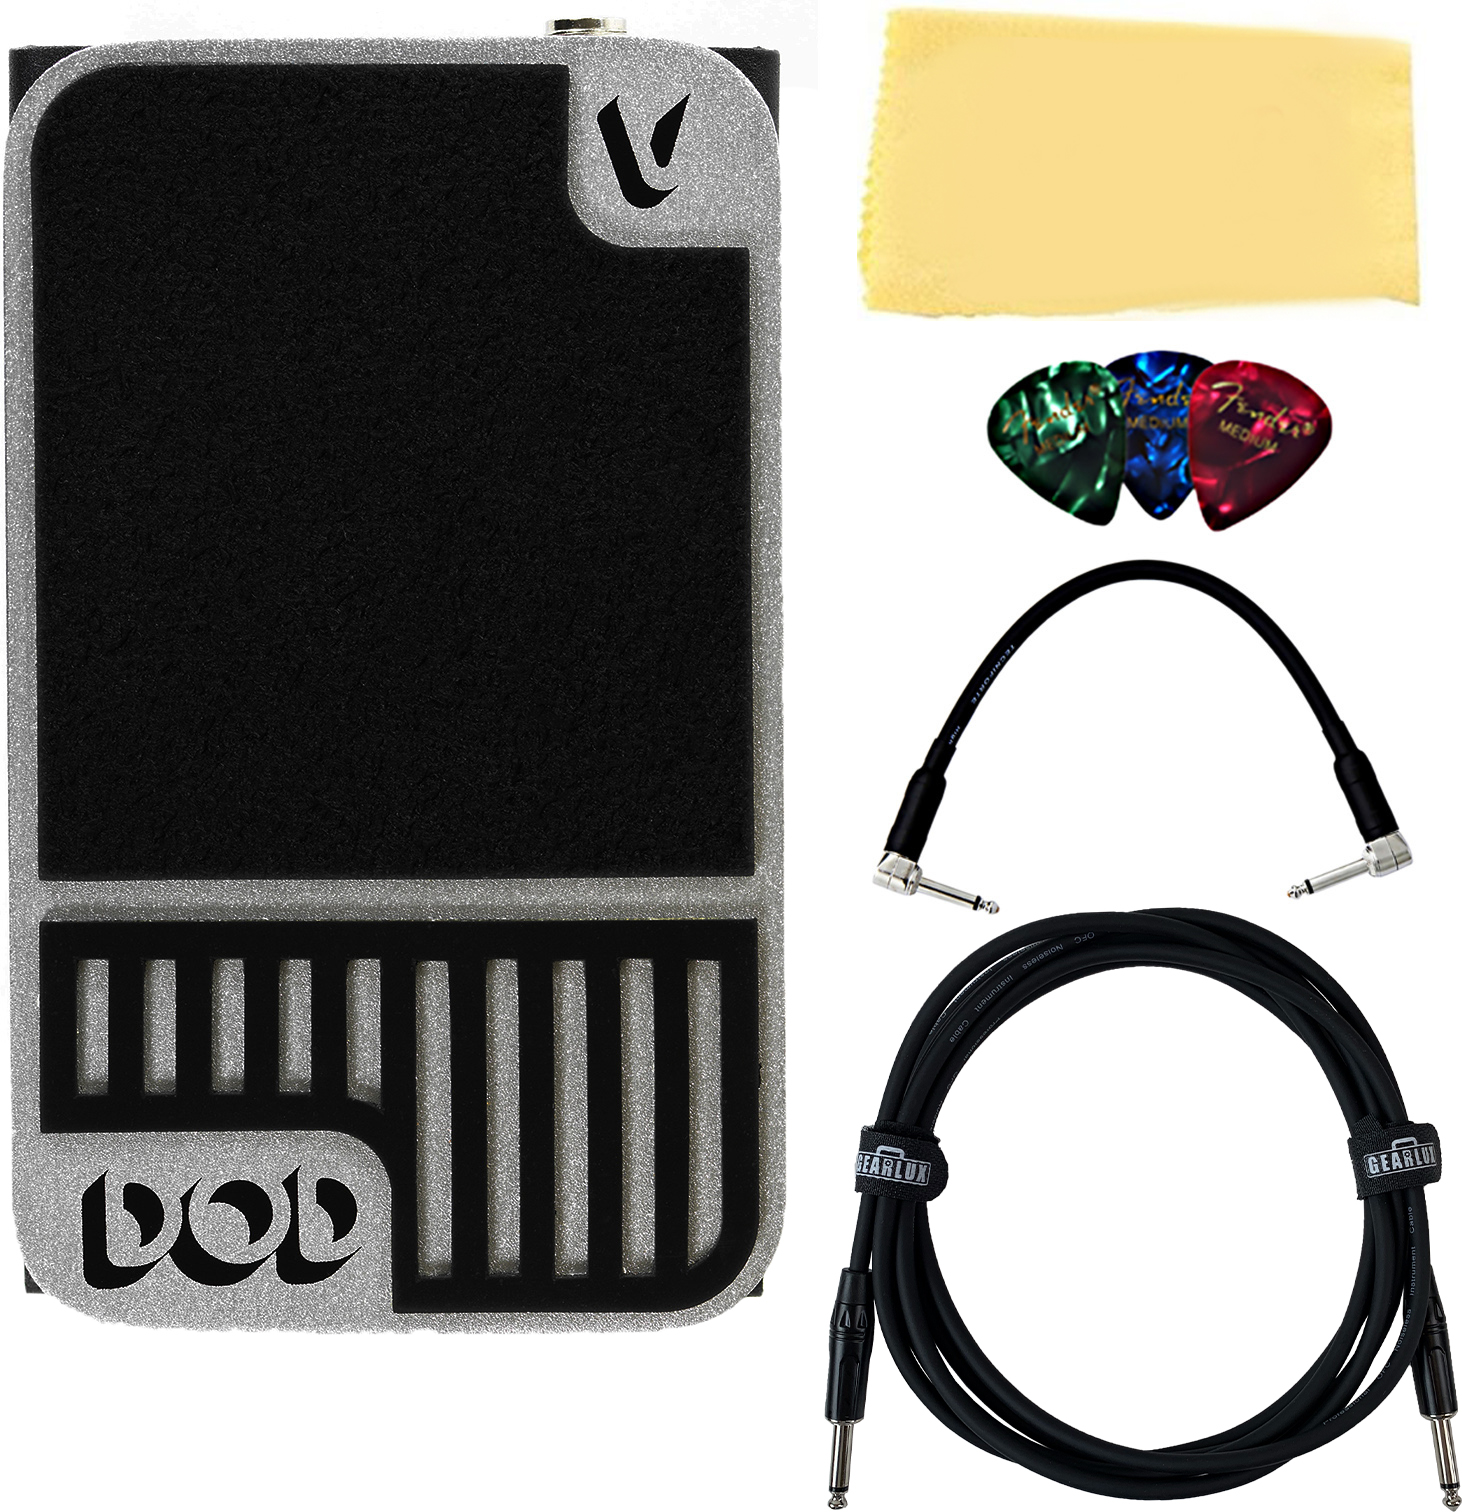 DigiTech DOD Mini Volume Pedal w  Cables